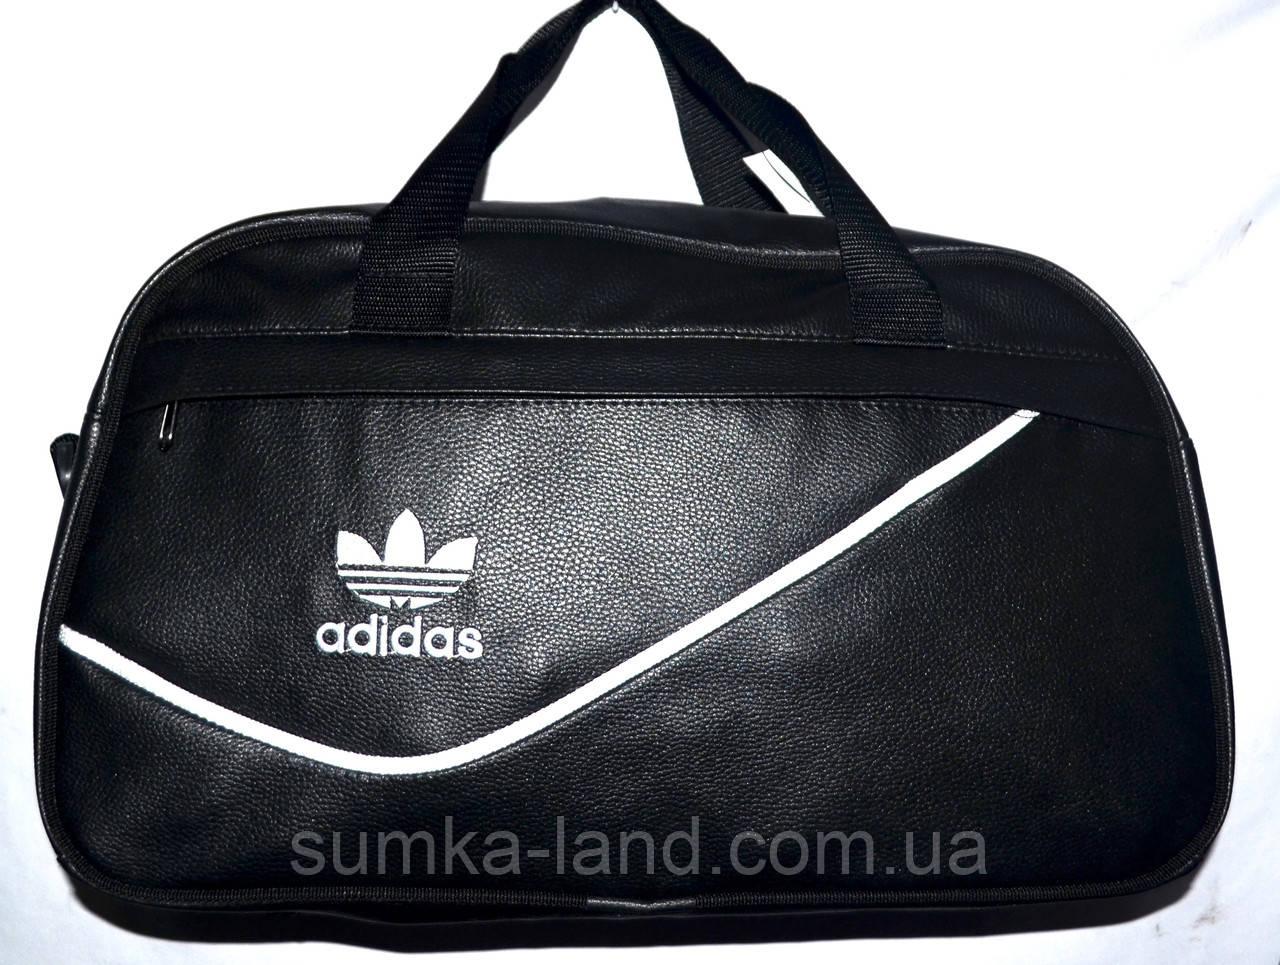 d05290ec9918 Черная сумка спортивная универсальная кожзам Adidas 48*27: продажа ...